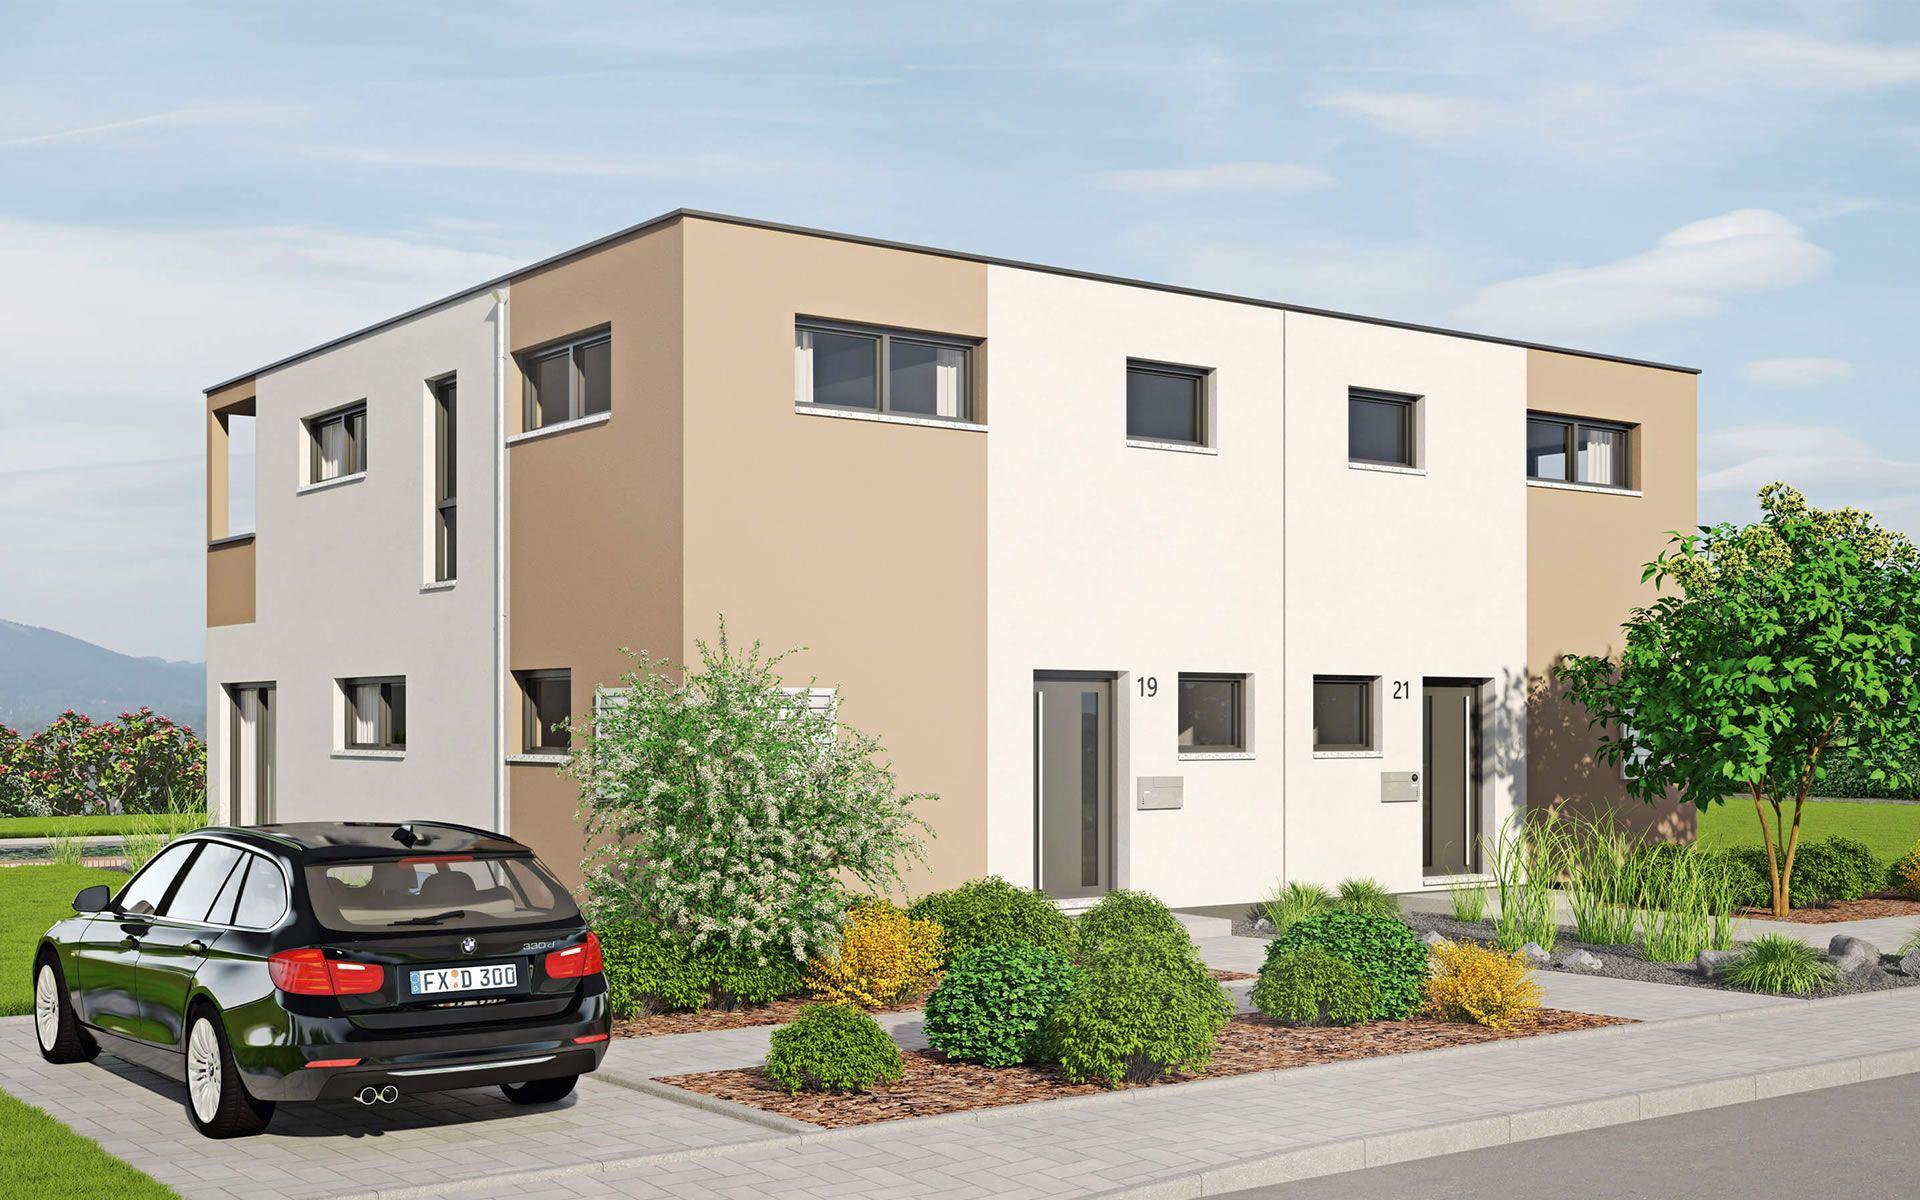 Musterhaus Duett 129 von Fingerhut Haus GmbH & Co. KG